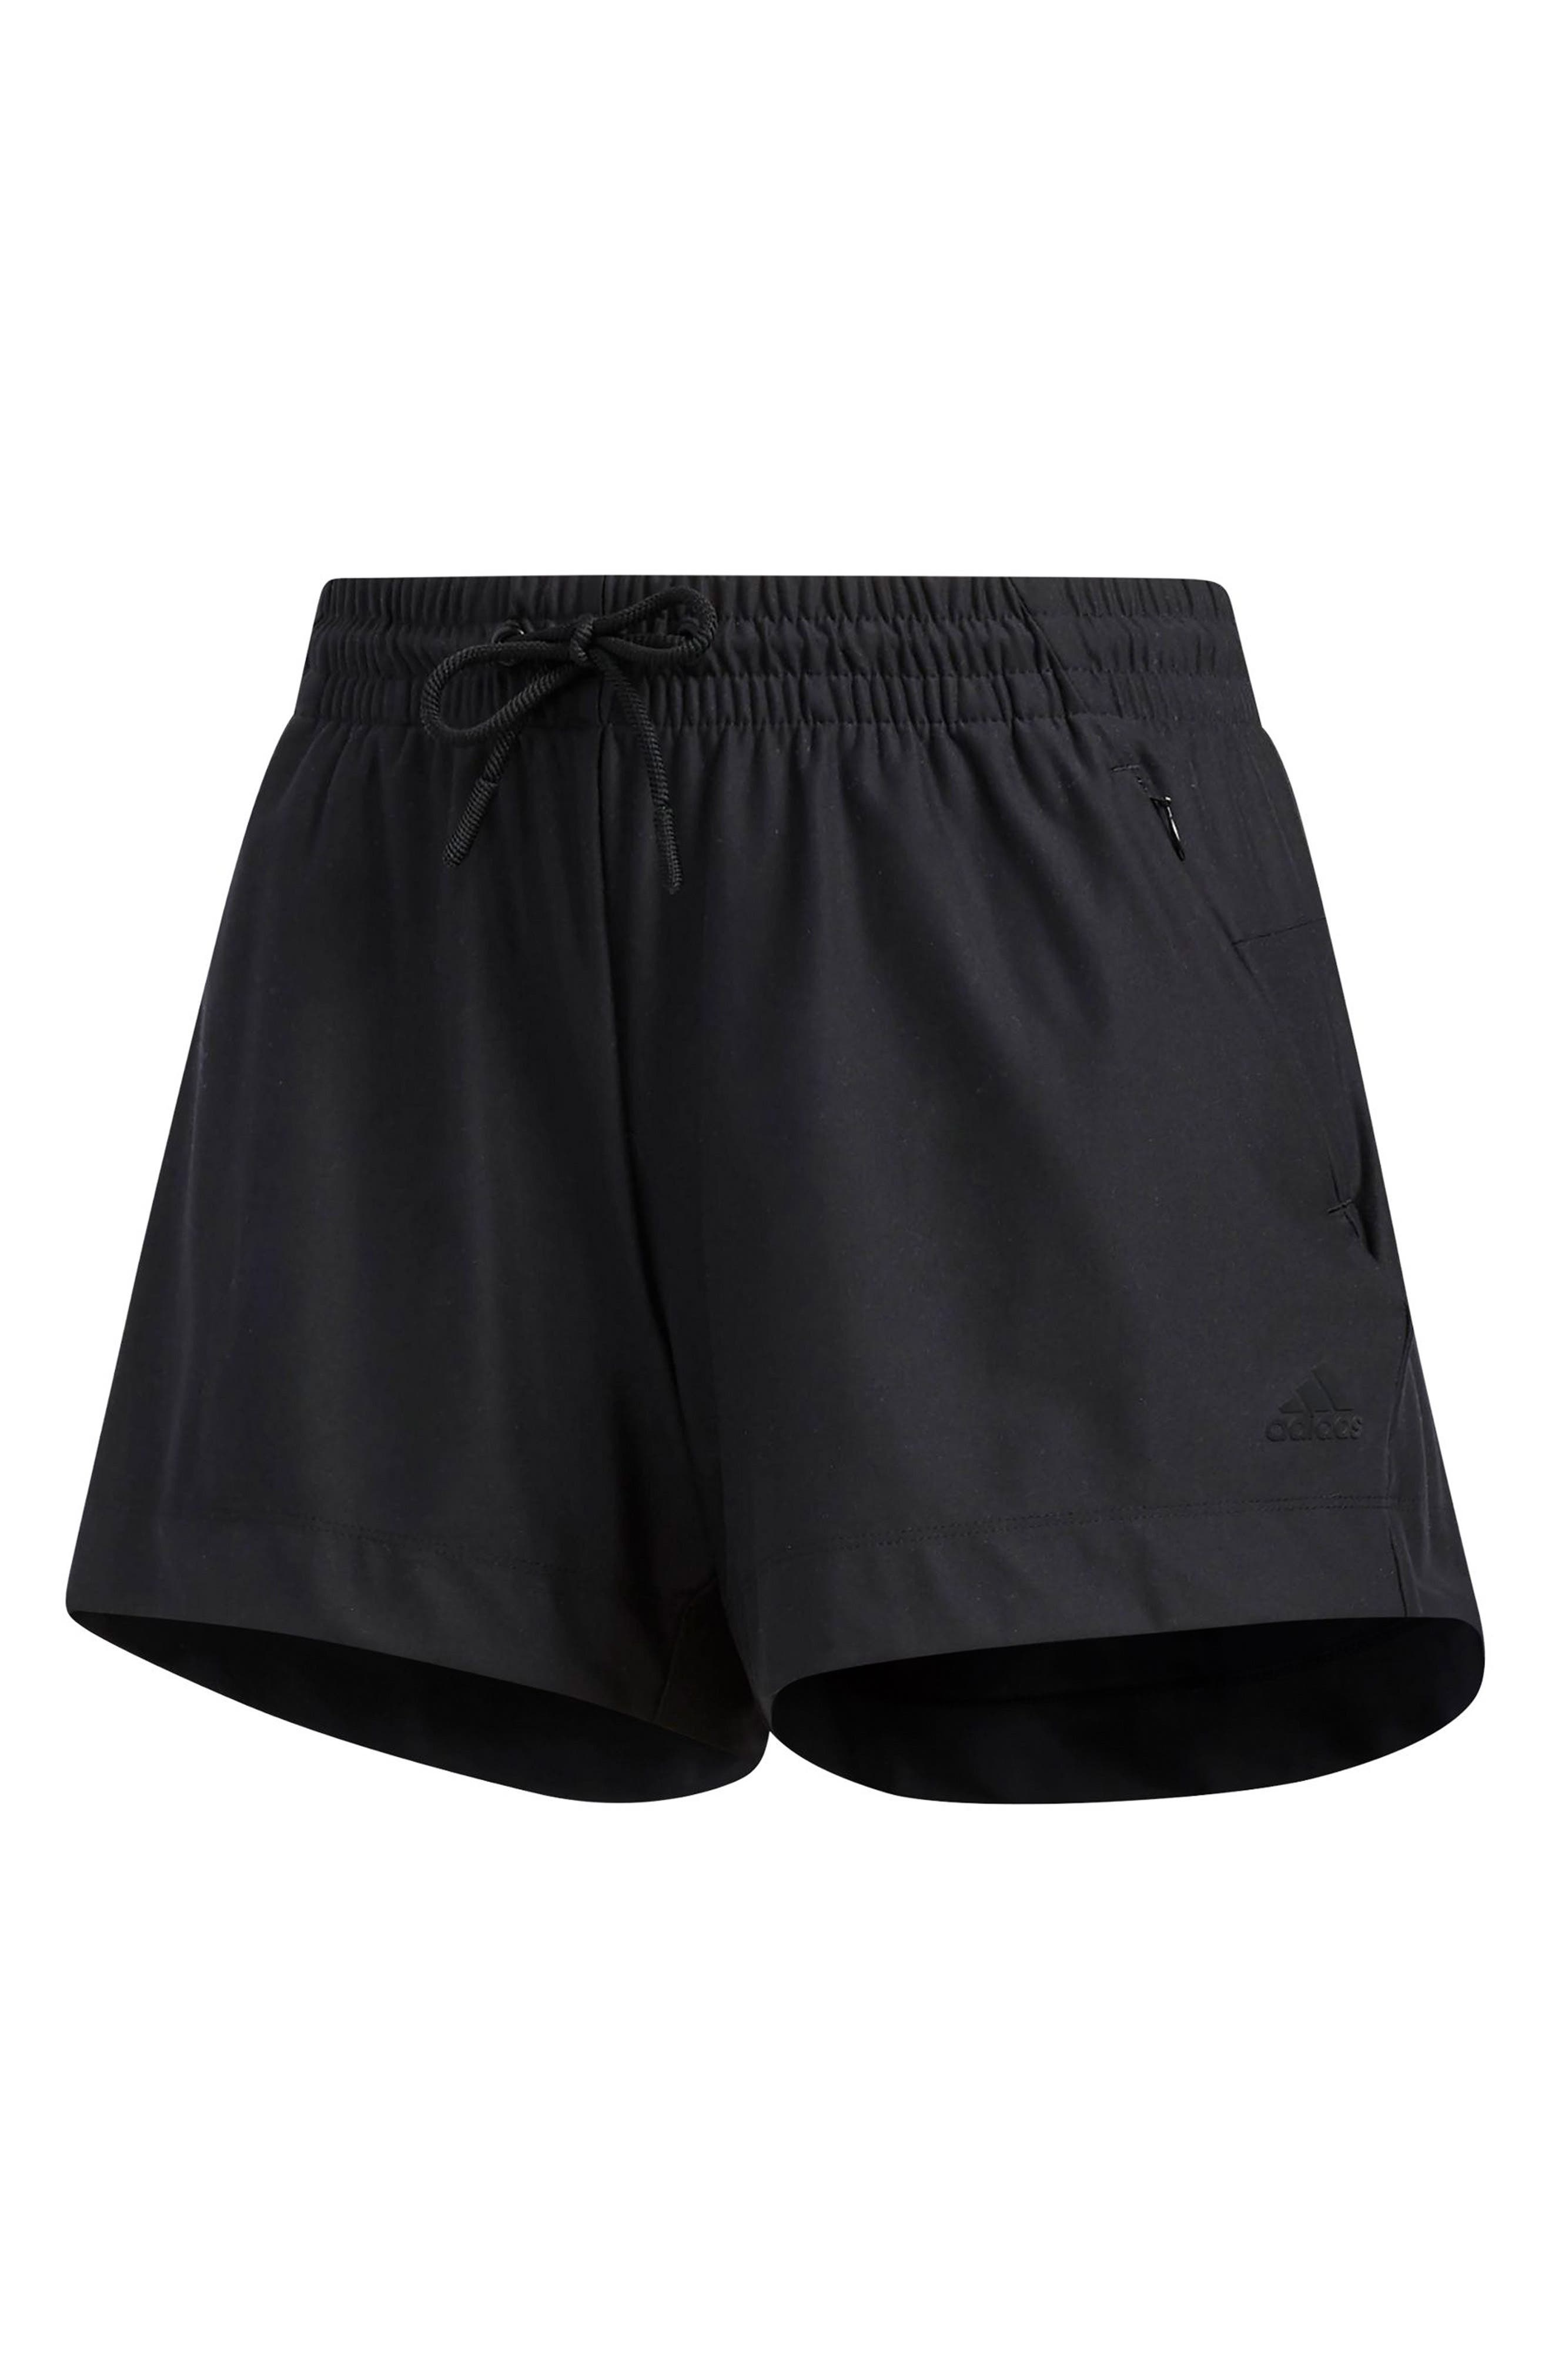 ID Mesh Shorts,                             Alternate thumbnail 6, color,                             001